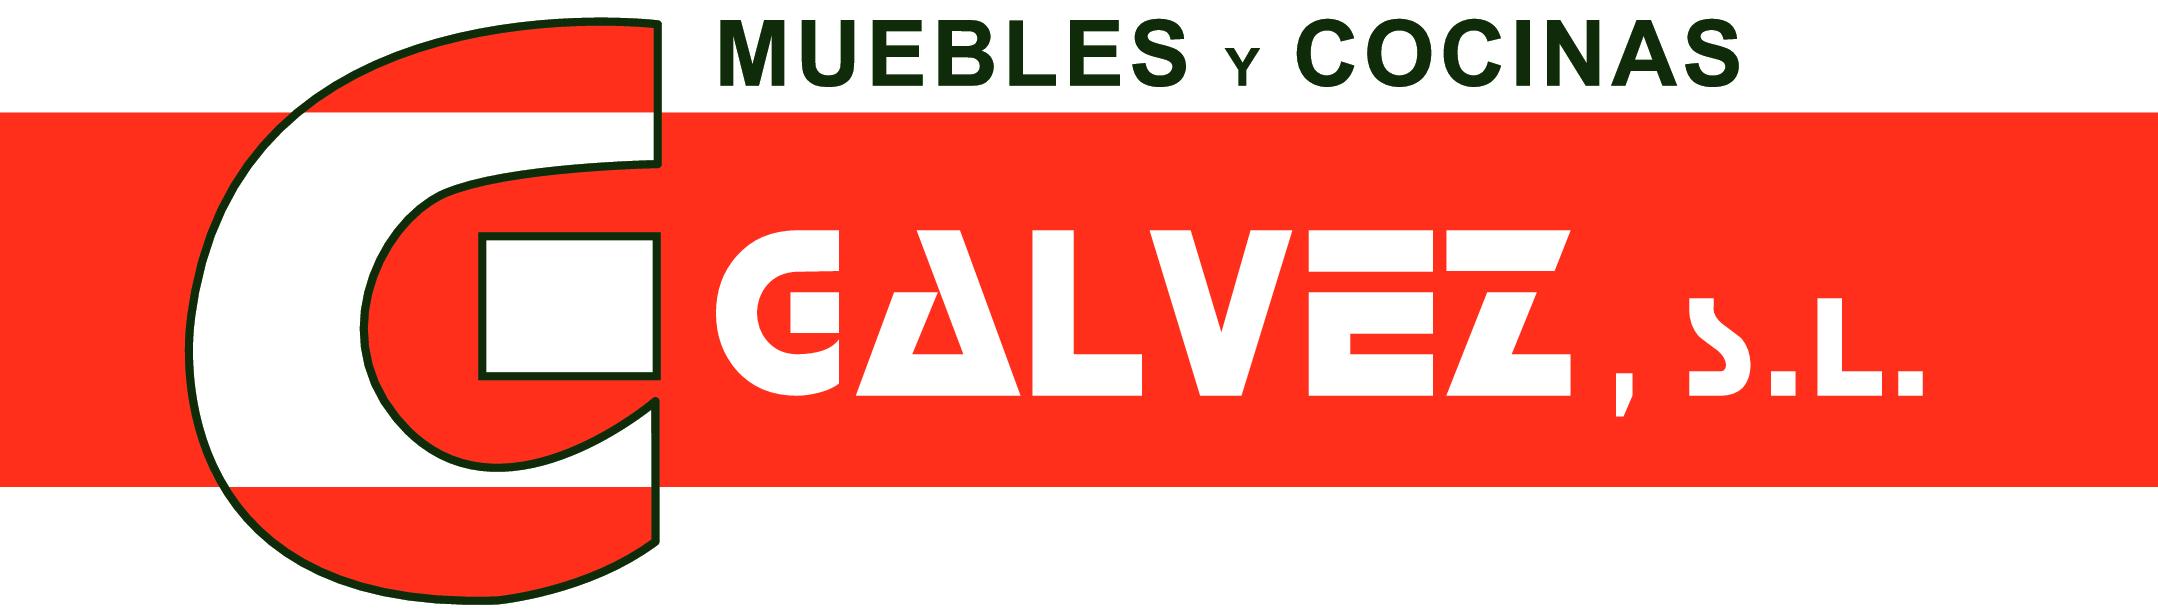 Muebles Galvez